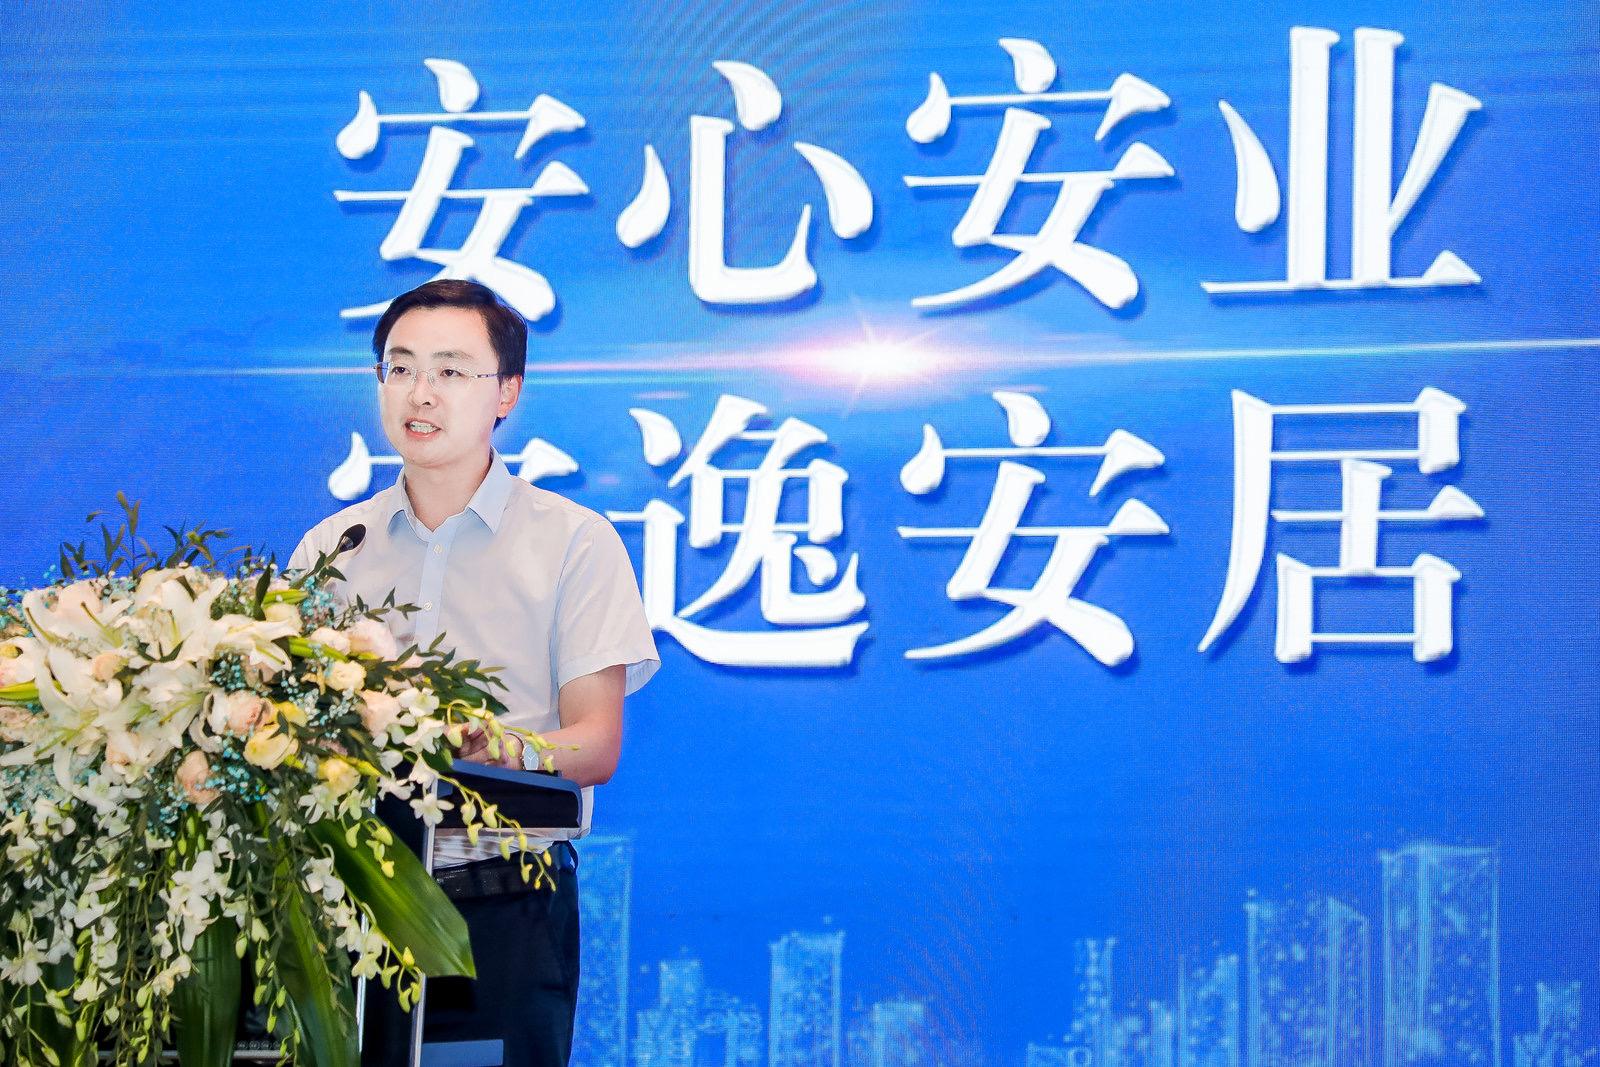 遂宁市安居区2020年城市价值营销暨产业招商推介会2